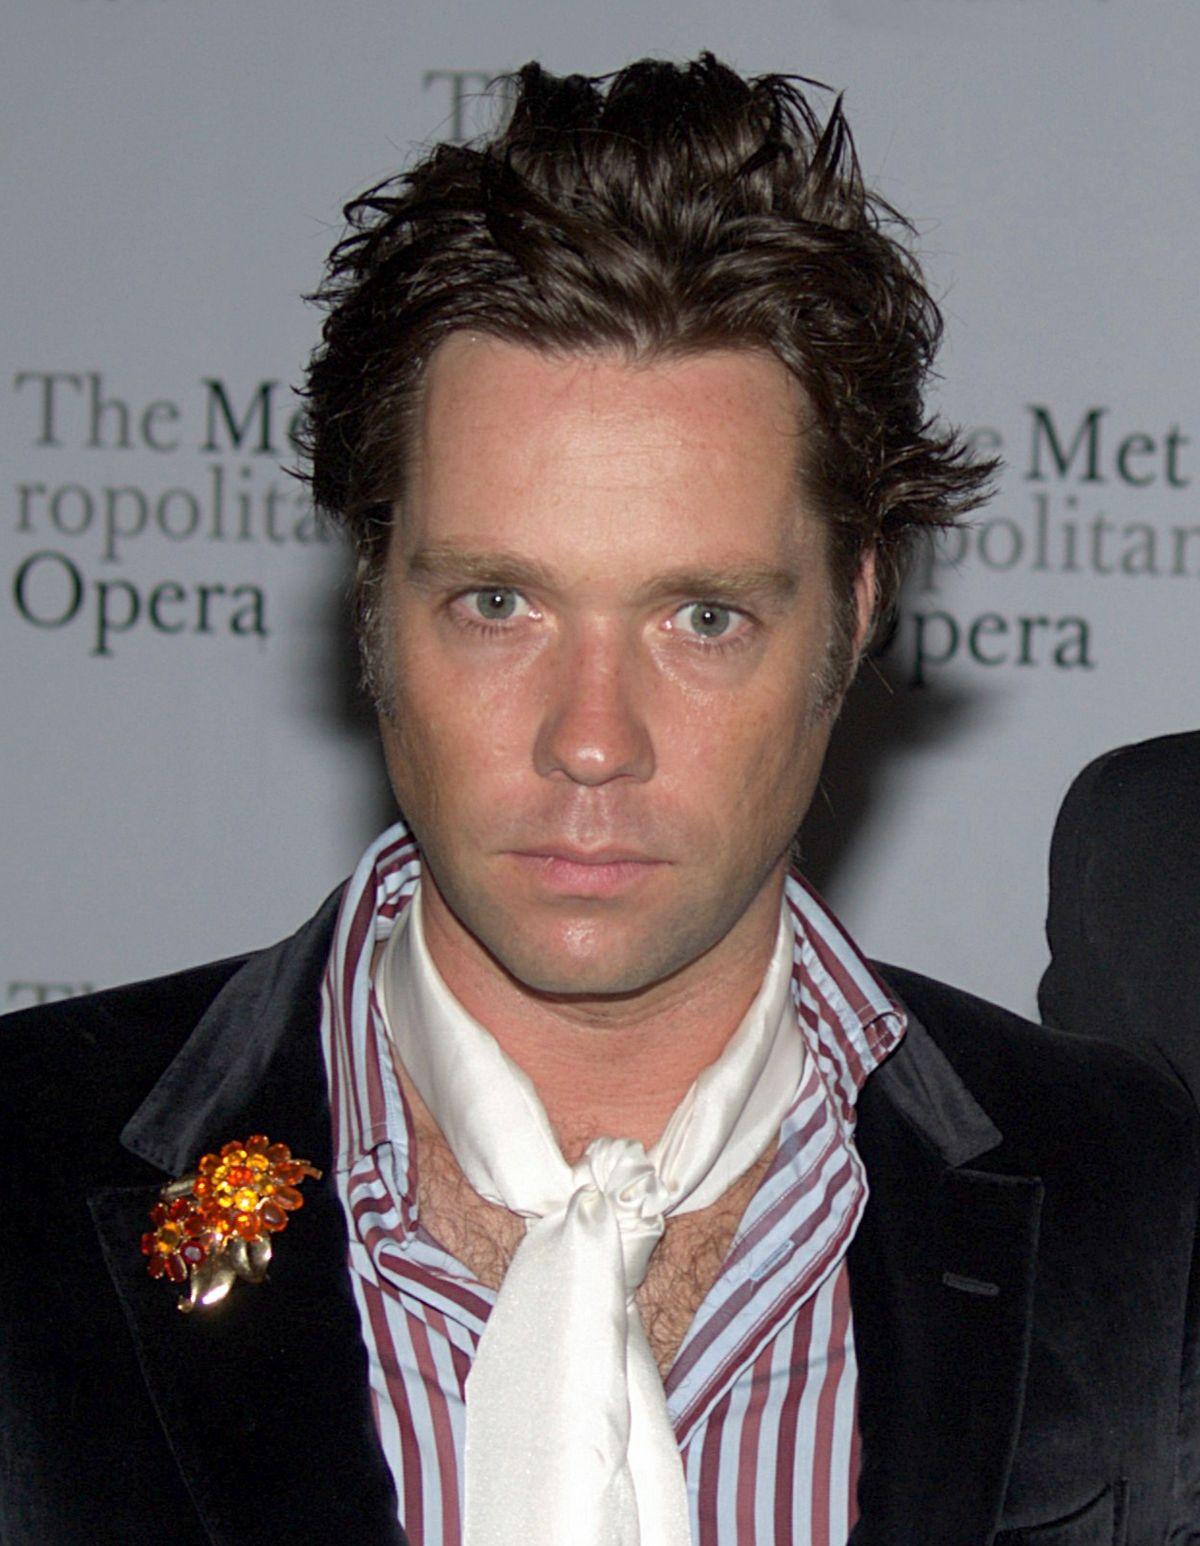 Rufus Wainwright - Wikipedia